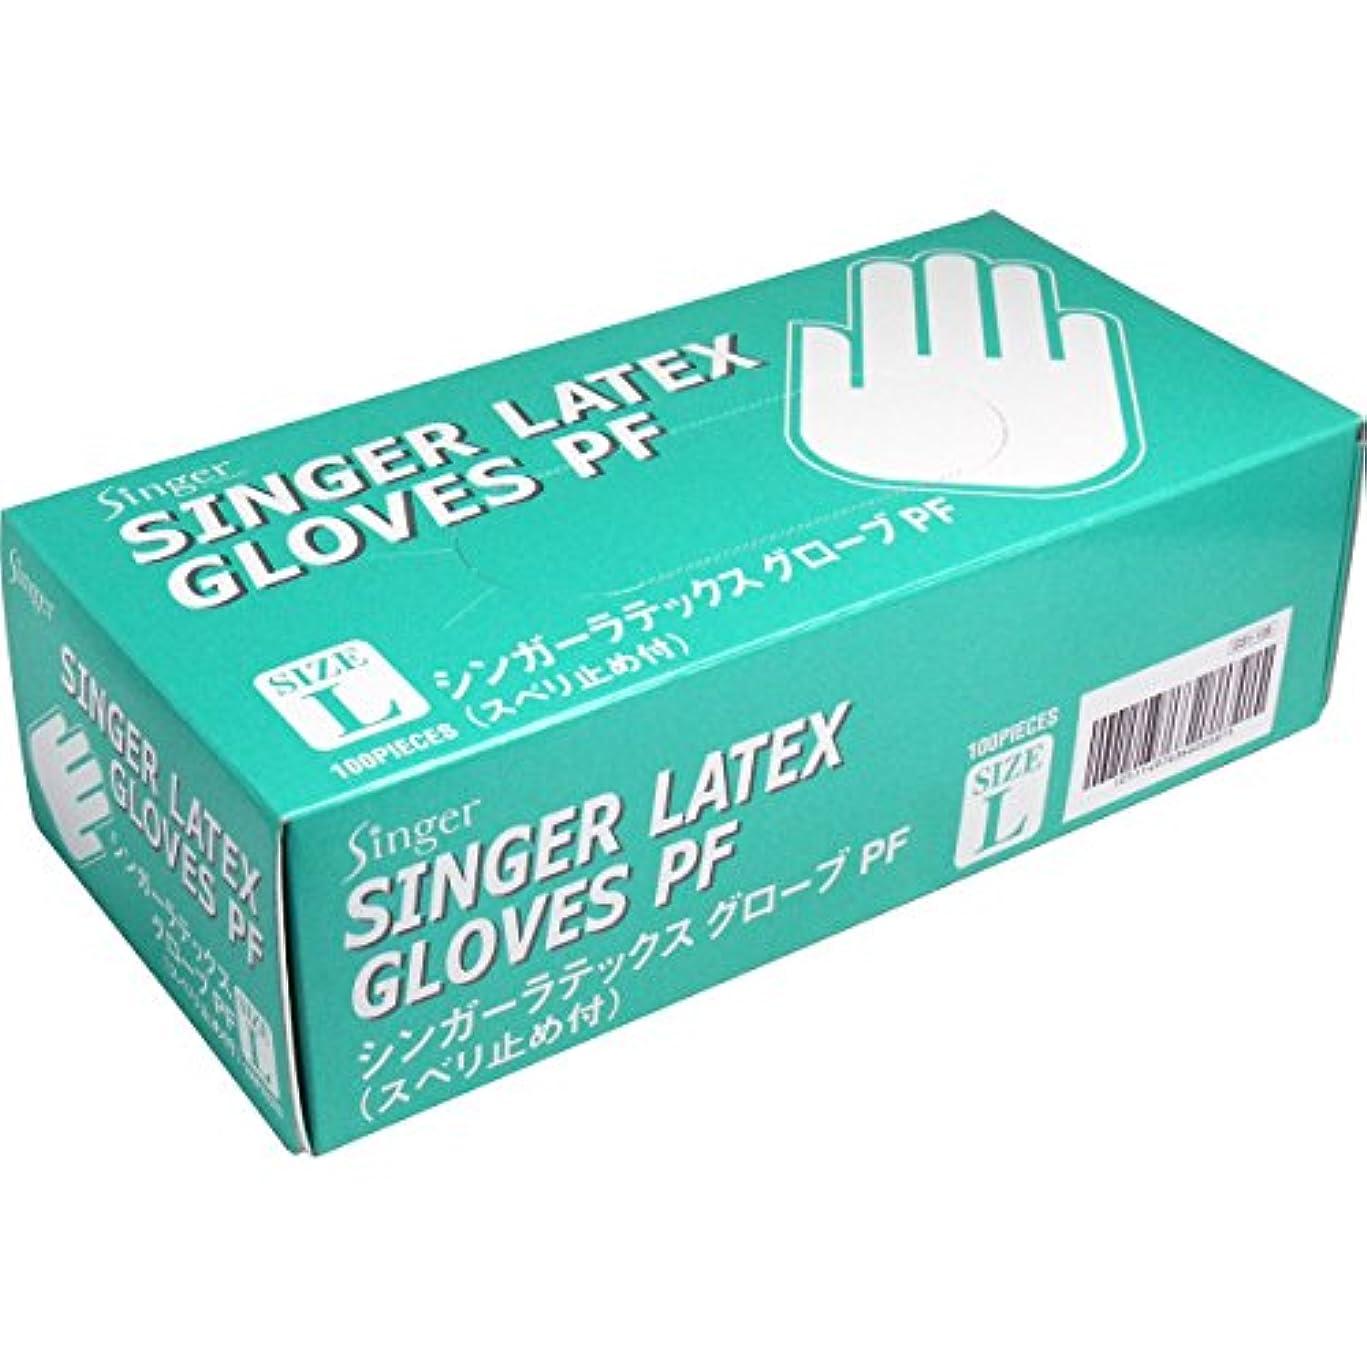 者穿孔するライオネルグリーンストリートパウダーフリー手袋 素手感覚で使える 使いやすい シンガーラテックスグローブ パウダーフリー スベリ止め付 Lサイズ 100枚入【5個セット】